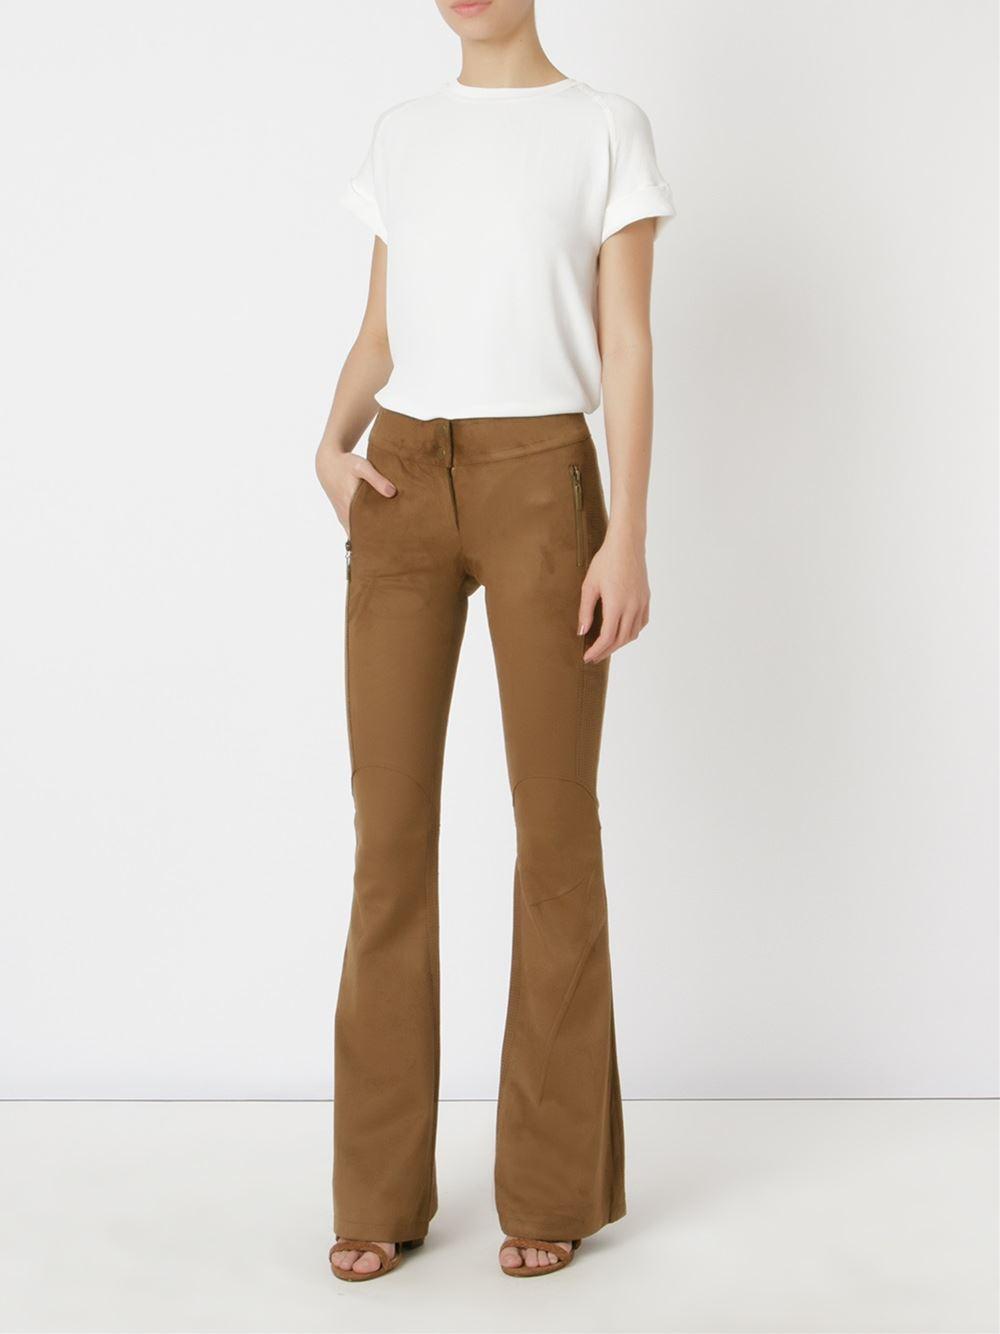 Calça Camurça Le Lis Blanc - compre AQUI imagem: divulgação/ farfetch